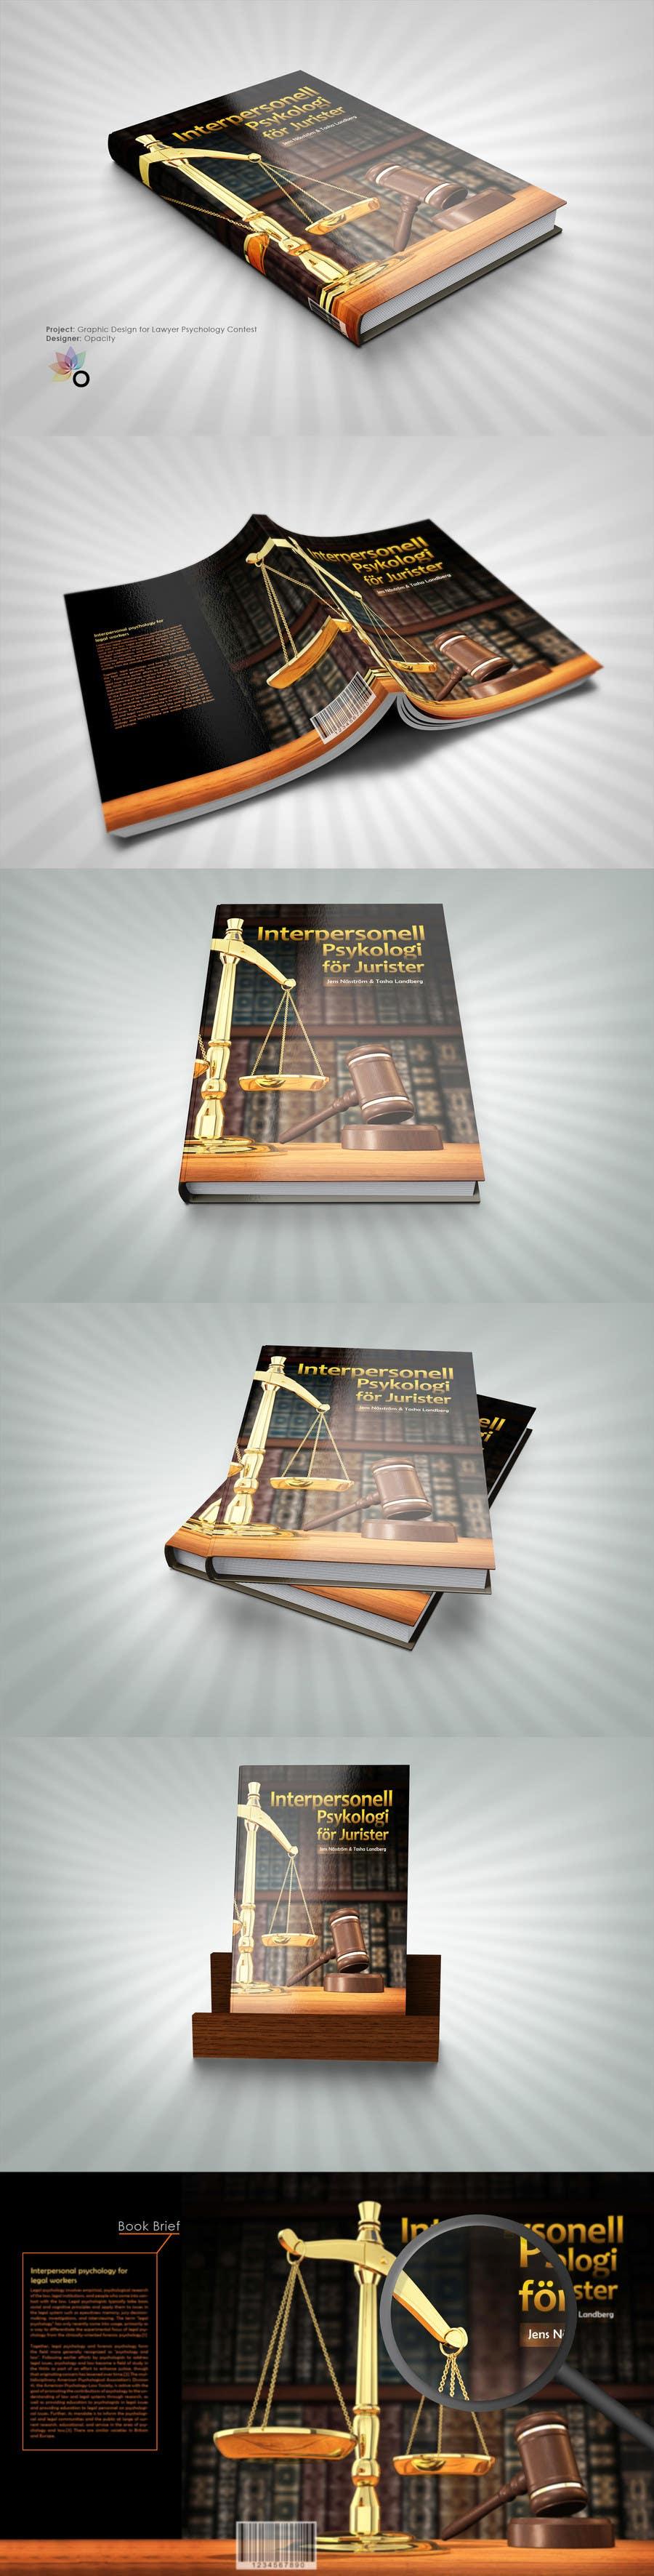 Konkurrenceindlæg #                                        1                                      for                                         Graphic Design for Lawyer Psychology